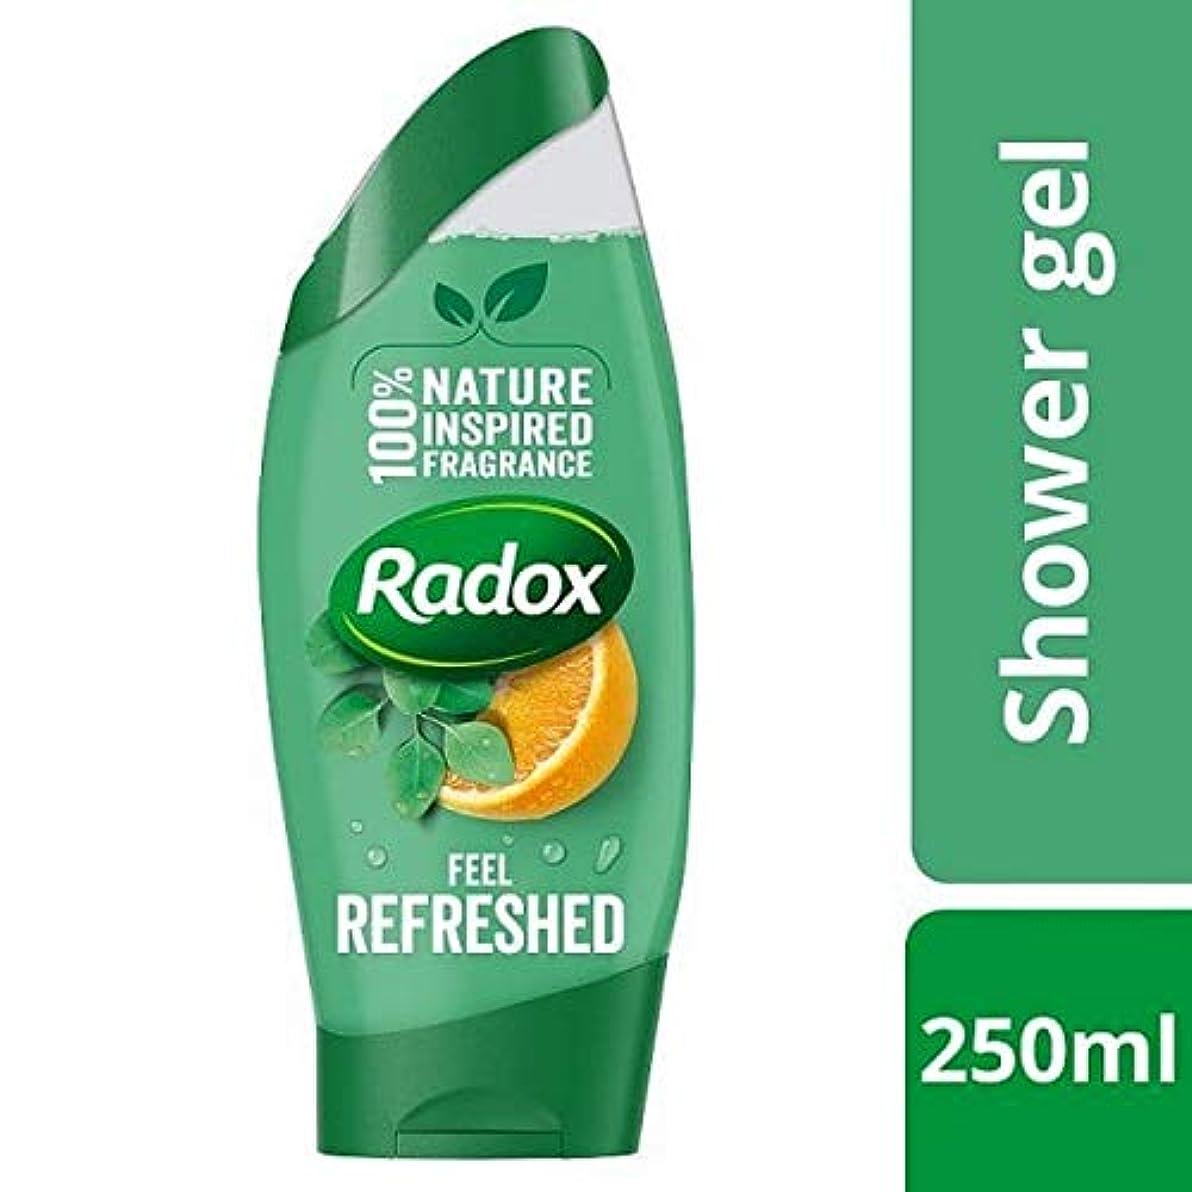 理解スクワイアずらす[Radox] Radoxが更新ユーカリ&シトラスシャワージェル250ミリリットルを感じます - Radox Feel Refreshed Eucalyptus & Citrus Shower Gel 250ml [並行輸入品]